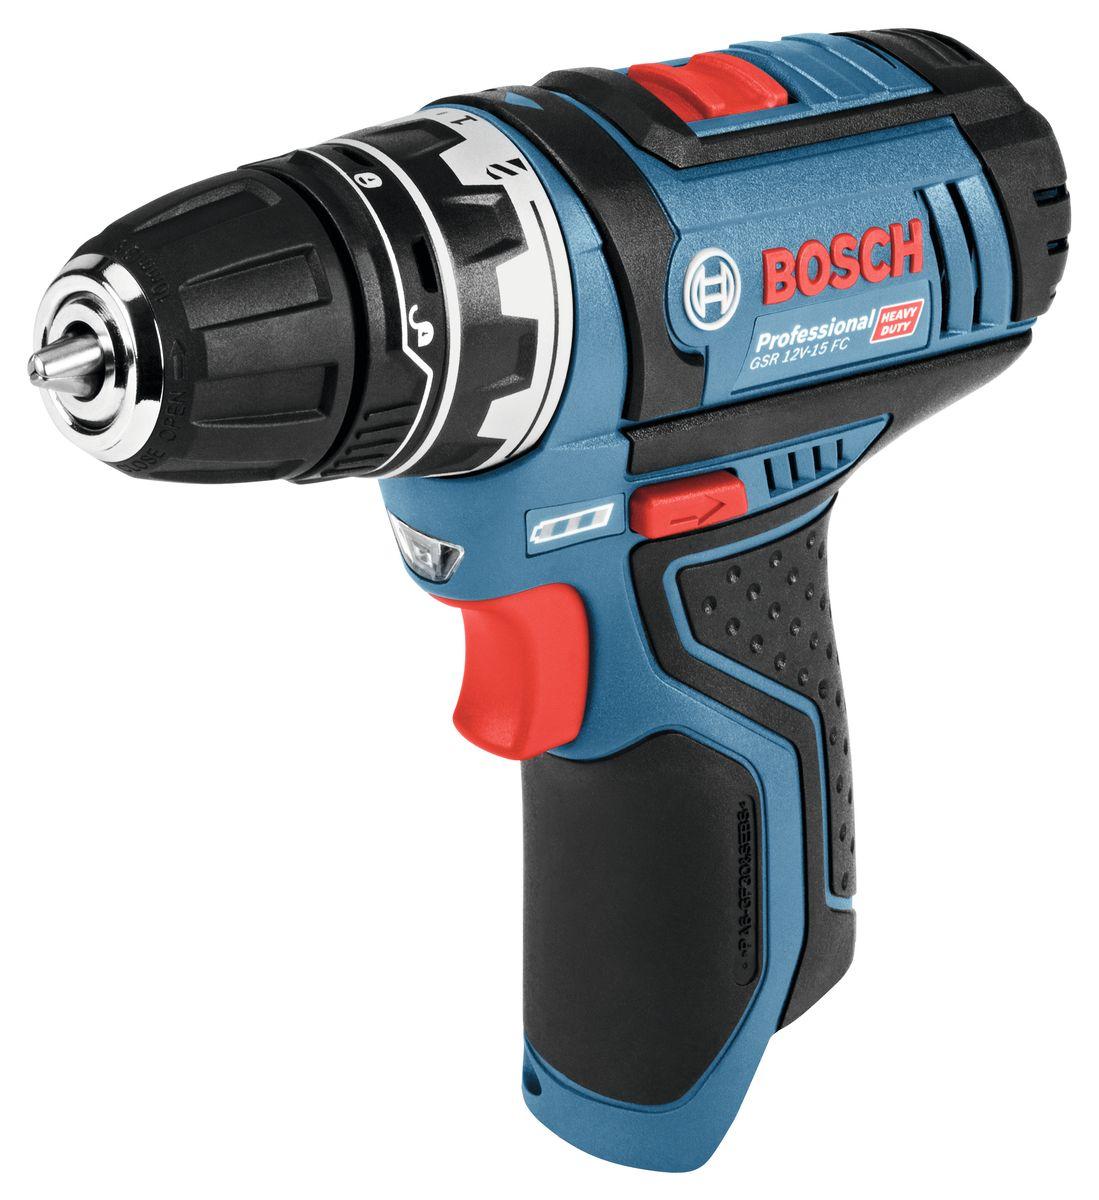 Аккумуляторная дрель-шуруповерт Bosch GSR 12V-15 FC, 2x2 А/ч, L-Boxx. 06019F600172/14/6Аккумуляторная дрель-шуруповерт c быстрозажимным сверлильным патроном FlexiClick в комплекте. Система Bosch FlexiClick предлагает широкий ассортимент насадок, которые можно использовать поотдельности, так и комбинировать между собой. Теперь работа в труднодоступных и тесных местах не составит труда! Преимущества изделия:Исключительно компактный корпус (132 мм) позволяет сверлить и заворачивать в труднодоступных местахИнтерфейс Bosch FlexiClick с встроенным магнитным держателем бит позволяет устанавливать держатель бит, сверлильный патрон, угловой сверлильный патрон и эксцентрикЭксцентрик можно регулировать и фиксировать на шуруповерте в 16 различных положенияхИнтерфейс «One-Click» гарантирует надежное и быстрое крепление на инструменте. Обзор технических характеристик:Макс. крутящий момент (жесткое заворачивание шурупов): 30 НмКрутящий момент, макс. (мягкое заворачивание шурупов): 15 НмМакс. крутящий момент (жесткое/мягкое заворачивание): 30 / 15 НмЧисло оборотов холостого хода (1-я/2-я скорость): 0 – 400 / 0 – 1300 об/минДиапазон хвостовиков для сверлильного патрона: 1 - 10 ммНапряжение аккумулятора: 12 ВБыстрозажимной сверлильный патрон: 10 ммЧисло ступеней крутящего момента: 20+1Макс. O отверстия в древесине: 30 ммМакс. диам. отверстия в стали: 10 ммМакс. O шурупов: 7 мм. Комплектация:Кейс L-BOXX 102Адаптер сверлильного патрона GFA 12-BБыстрозарядное устройство GAL 1230 CV2 аккумулятора GBA 12В 2,0А•ч1/2 вкладыш для кейса L-BOXX под инструмент и зарядное устройство